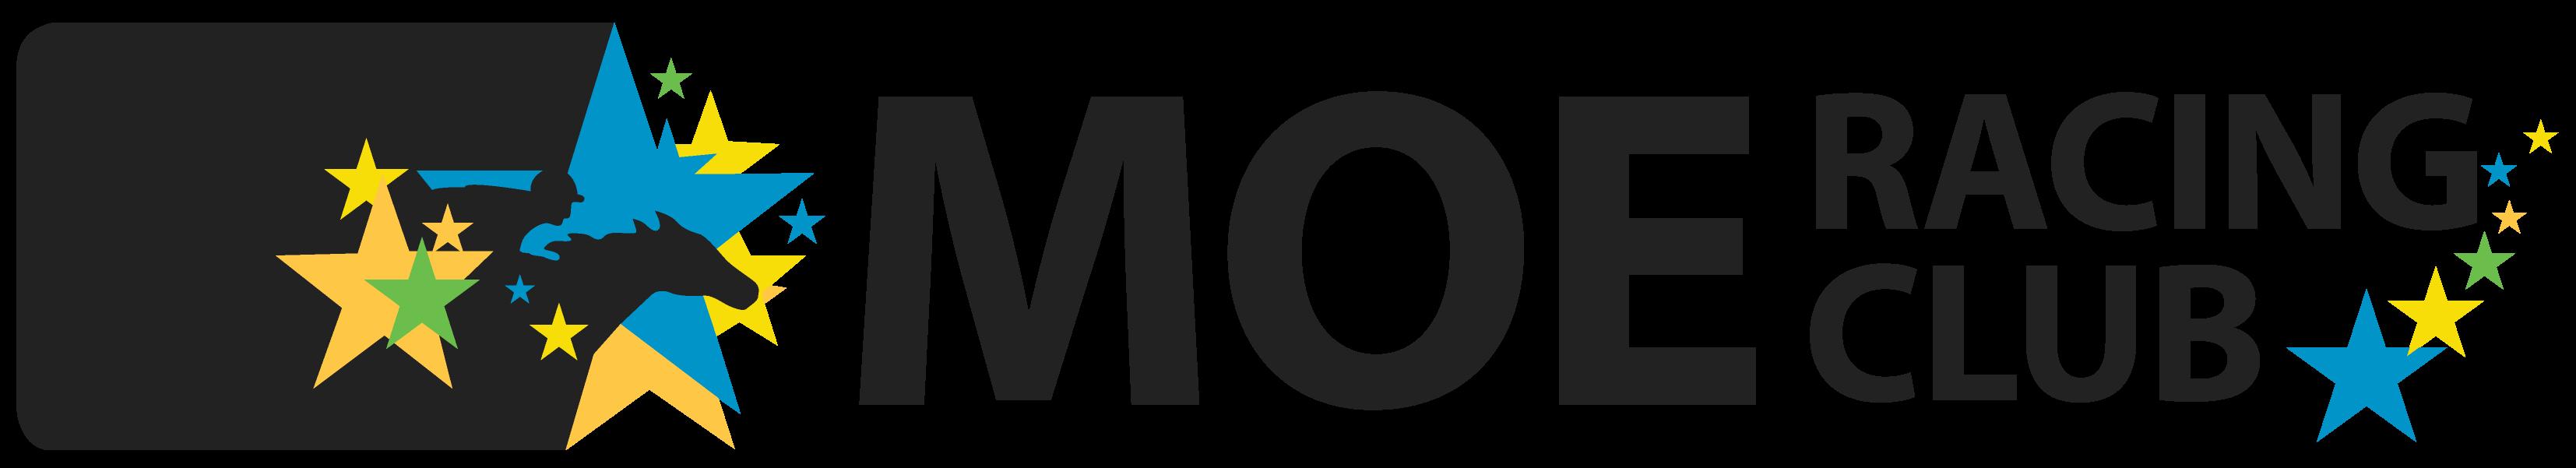 Moe Turfside